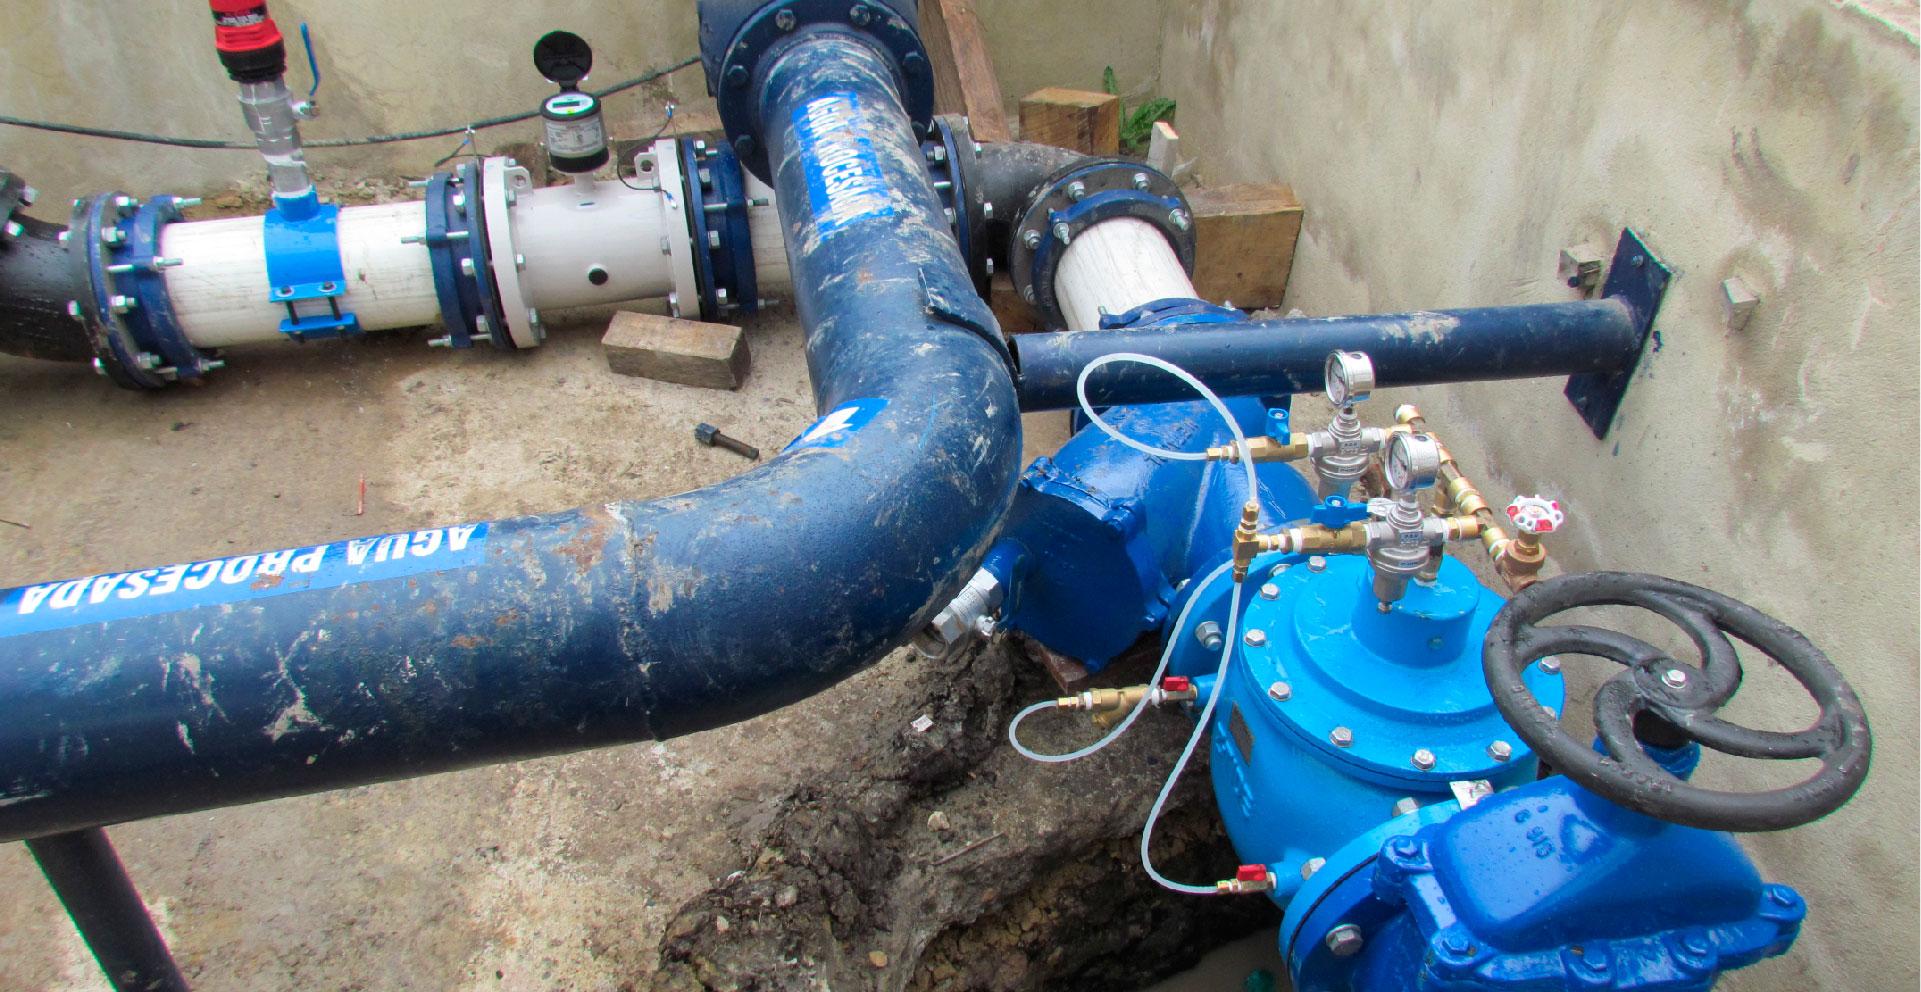 Estación de medición y reducción de presión FunzaEstación que contabiliza y reduce la presión del agua que ingresa a Funza, Cundinamarca desde Bogotá.